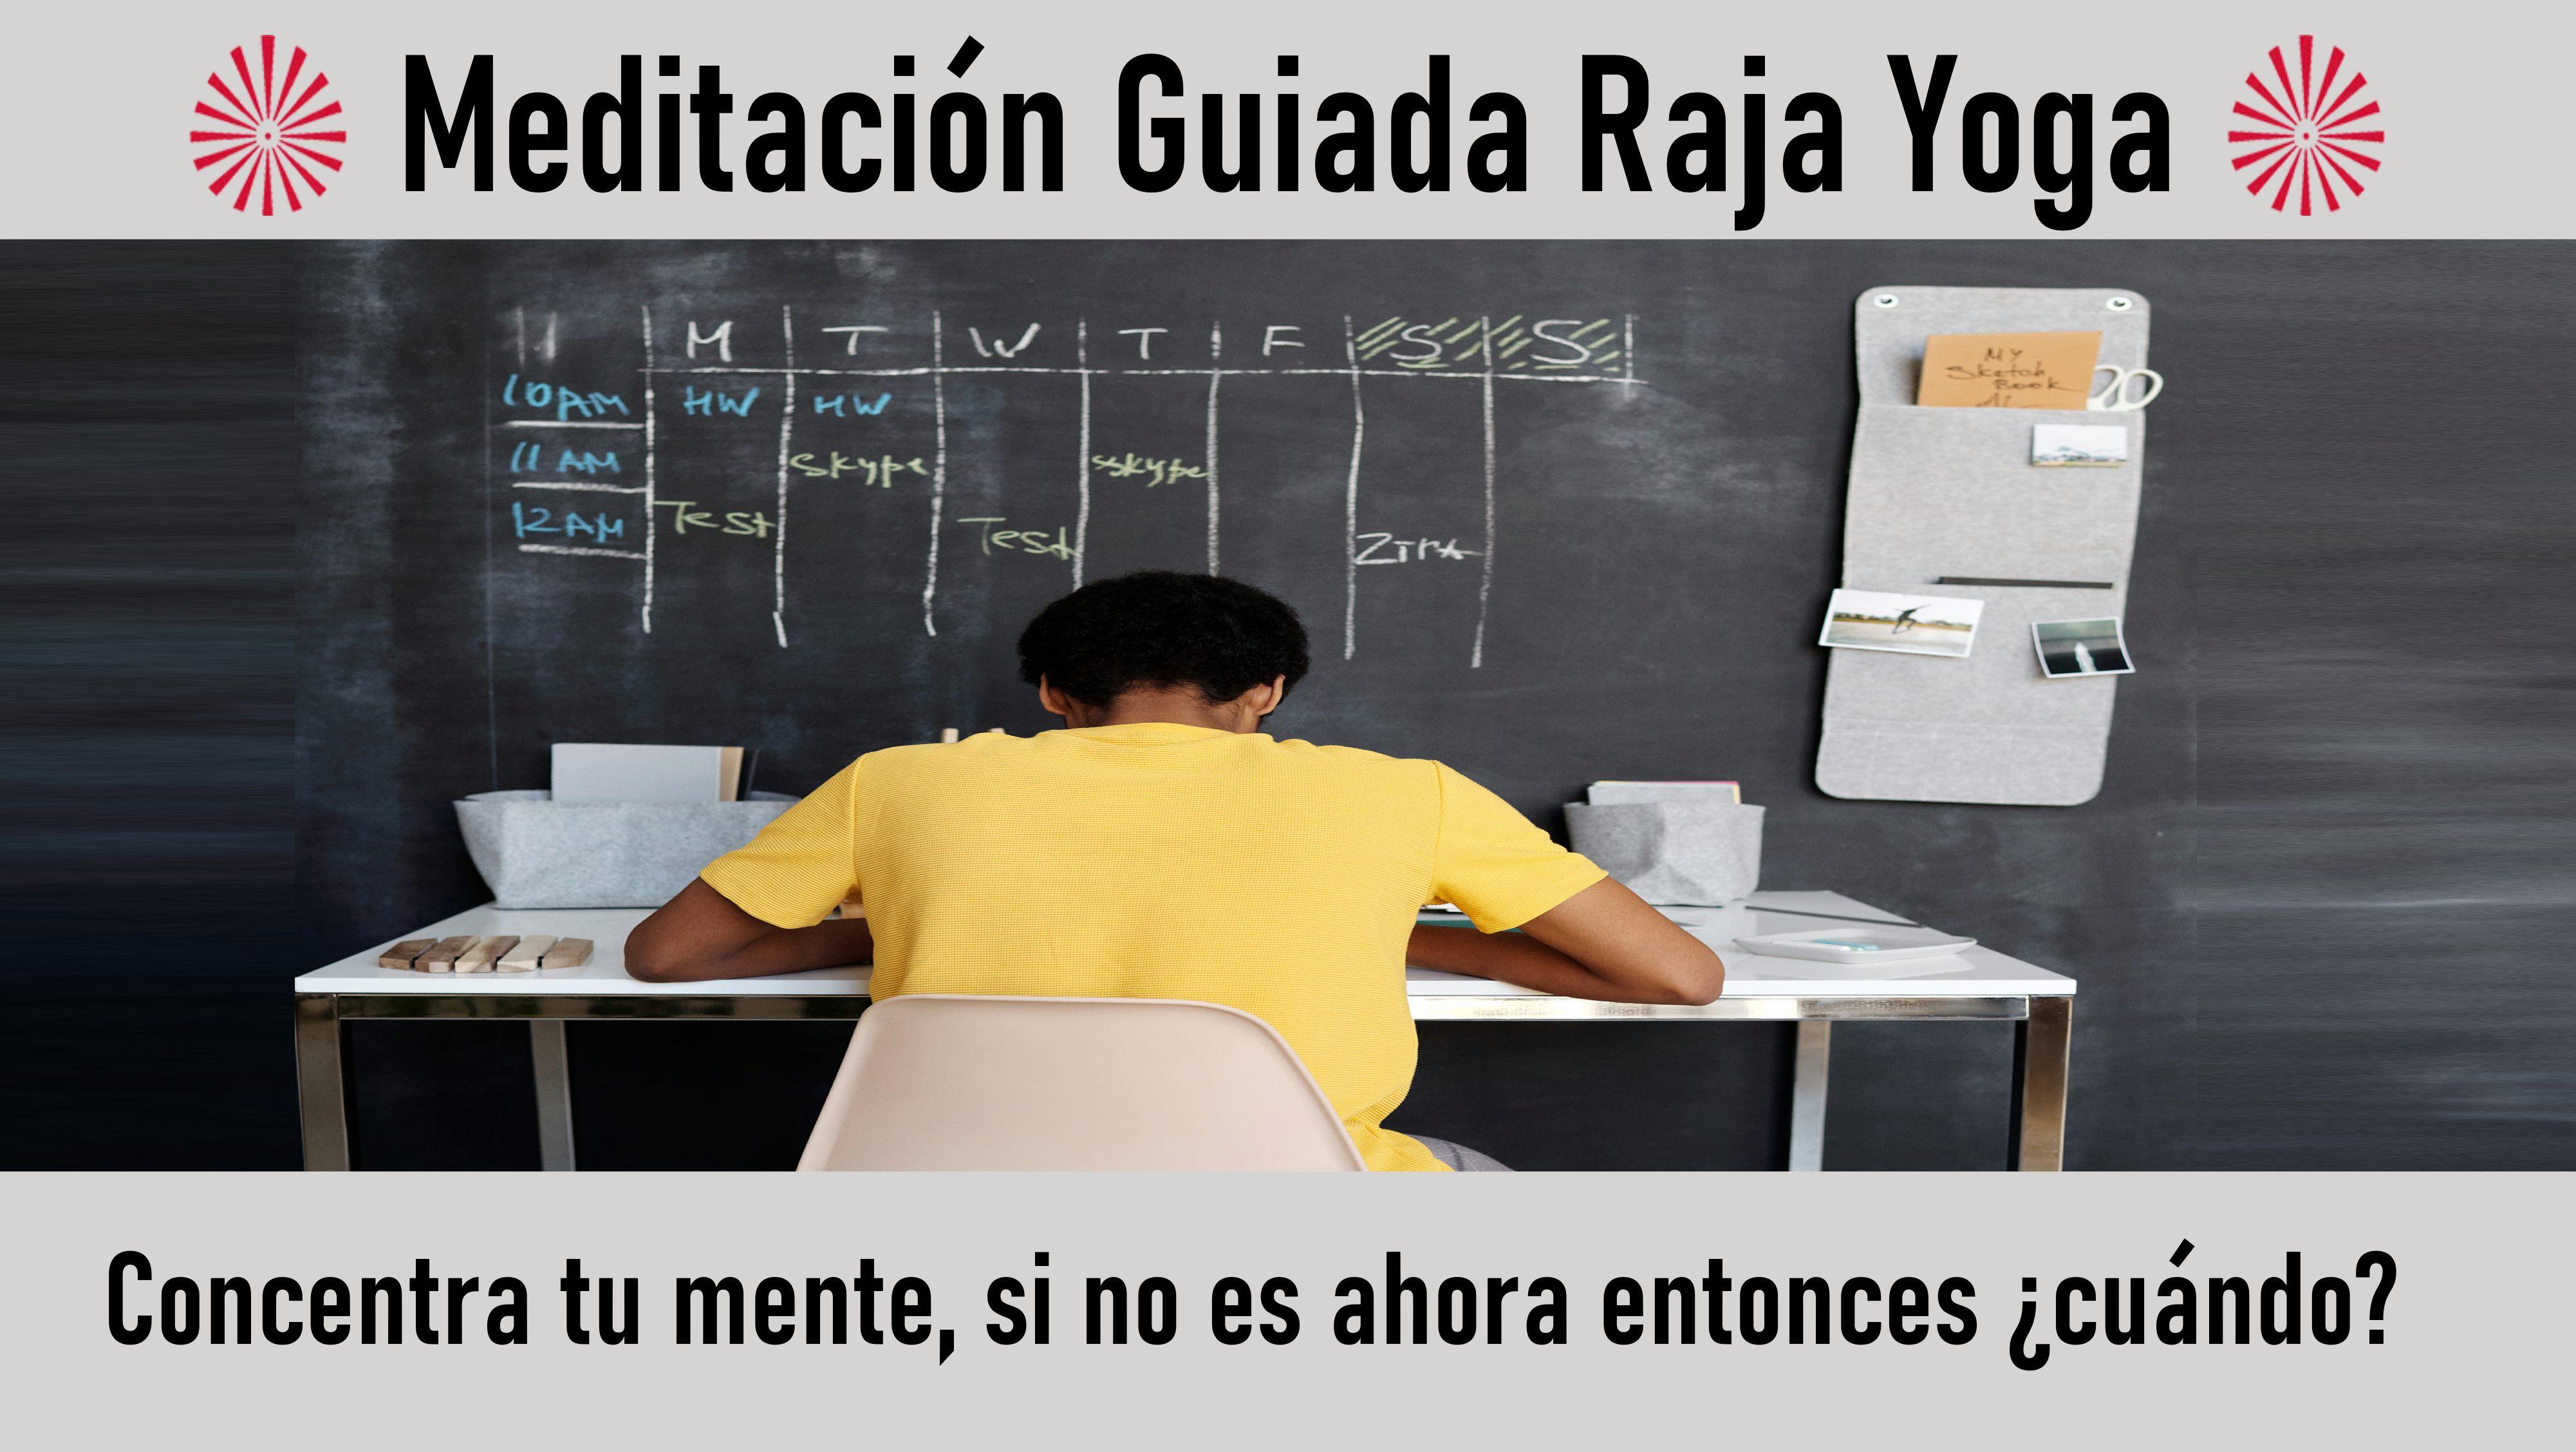 5 Octubre 2020 Meditación guiada:Concentra tu mente, si no es ahora entonces ¿cuándo?